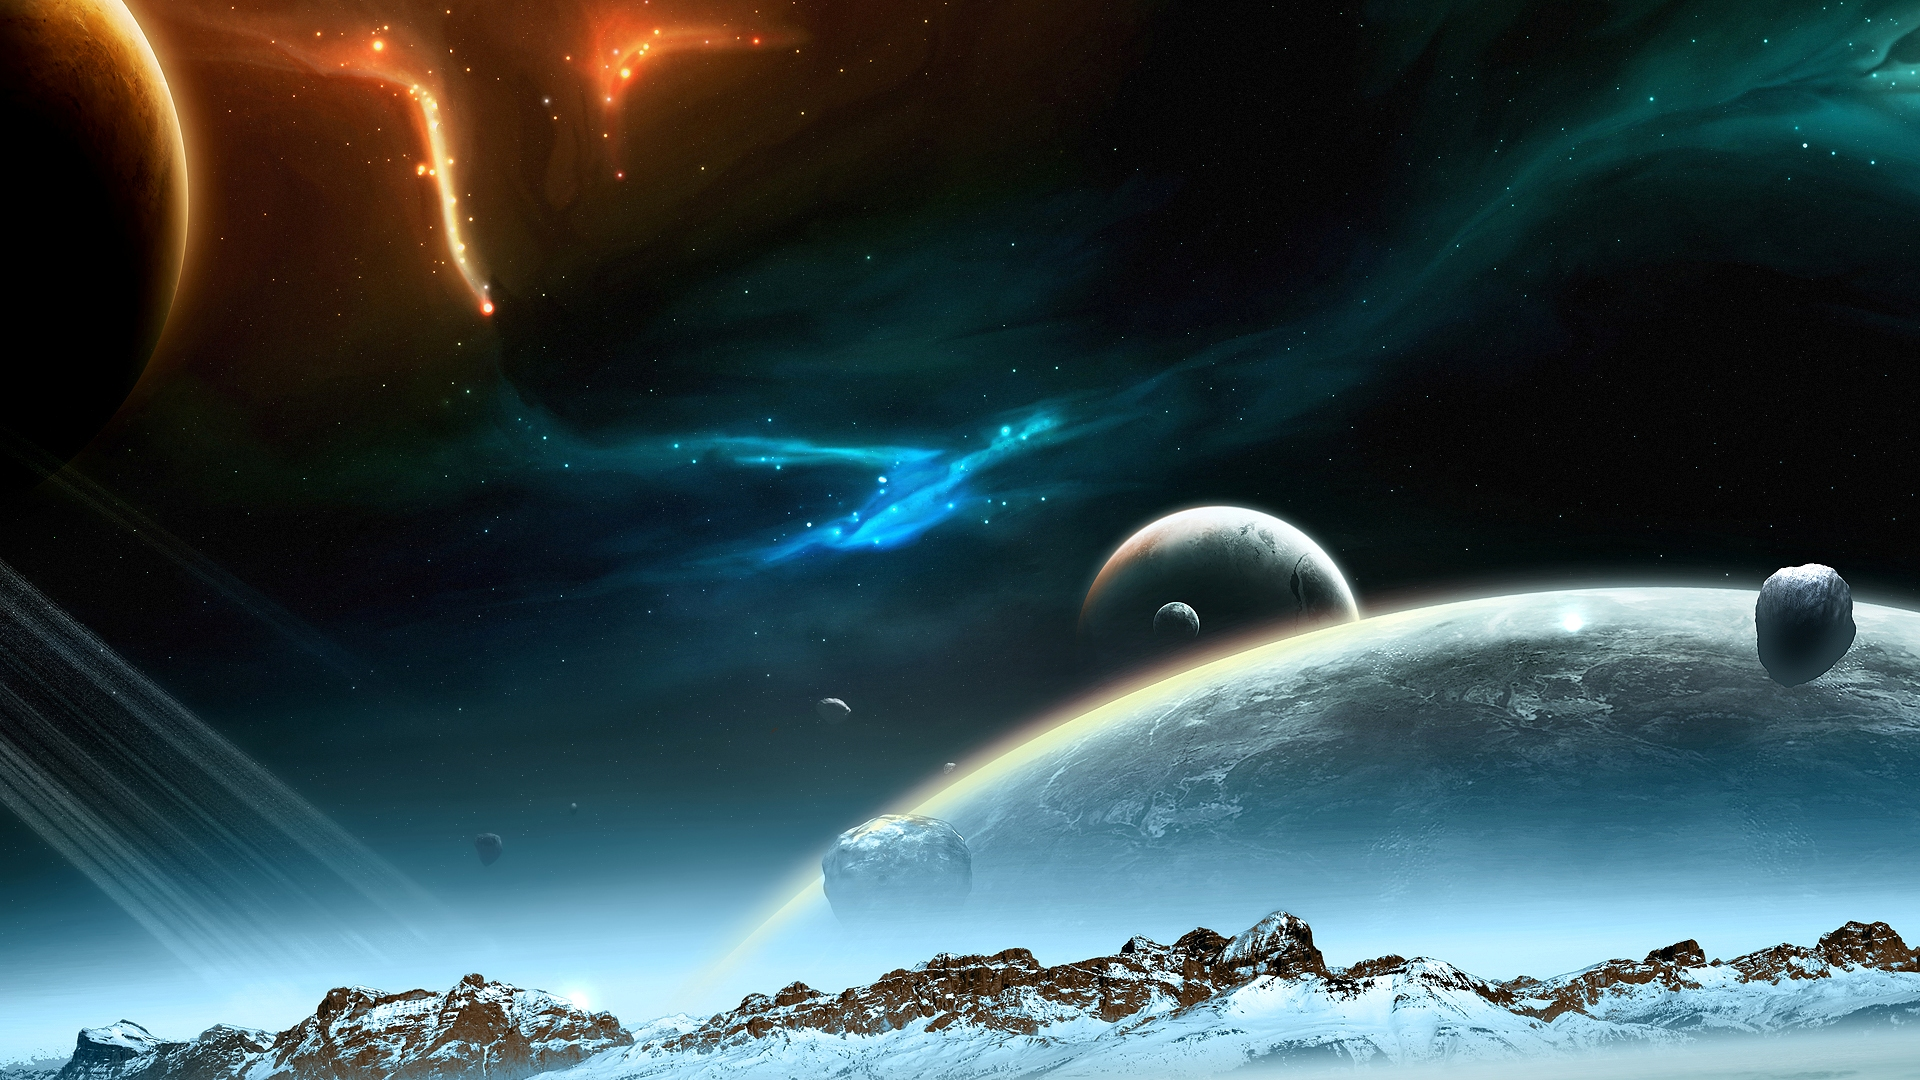 Космические пейзажи обои для рабочего стола